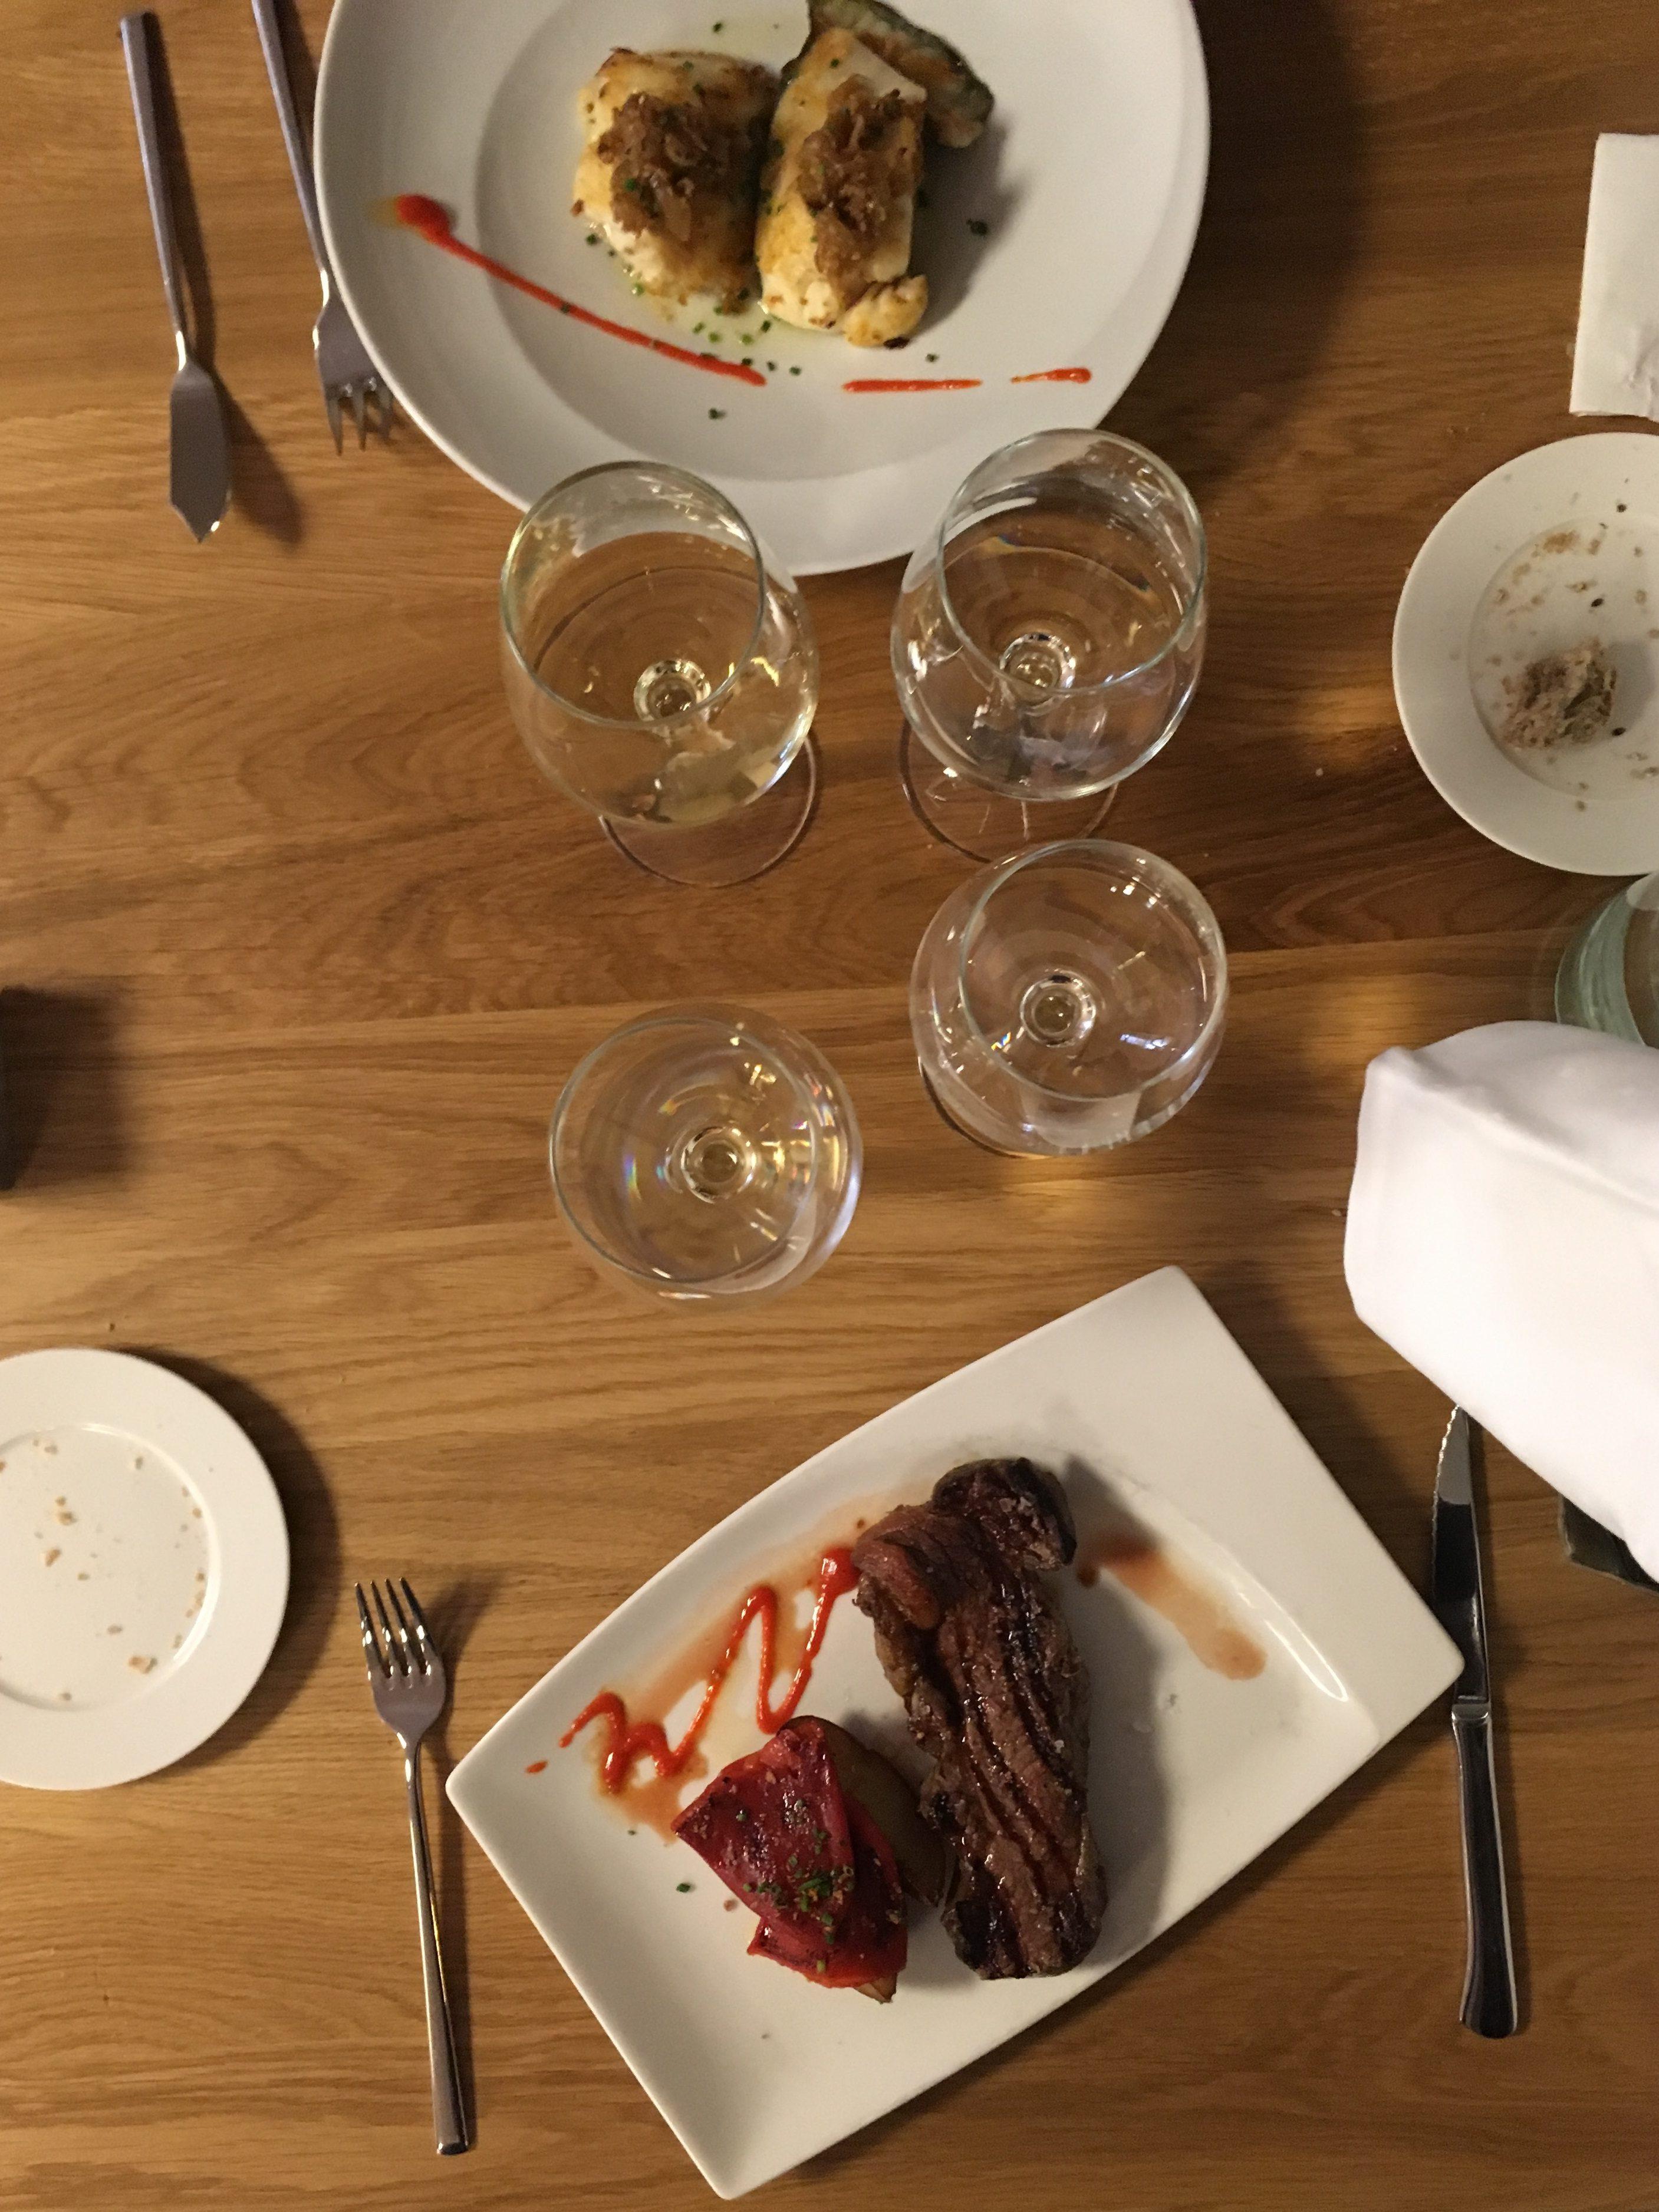 Hôtel Gran Bilbao séjour à Bilbao où dormir où se loger à Bilbao petit déjeuner buffet repas brunch Hotel Gran Bilbao - blog voyage les p'tits touristes